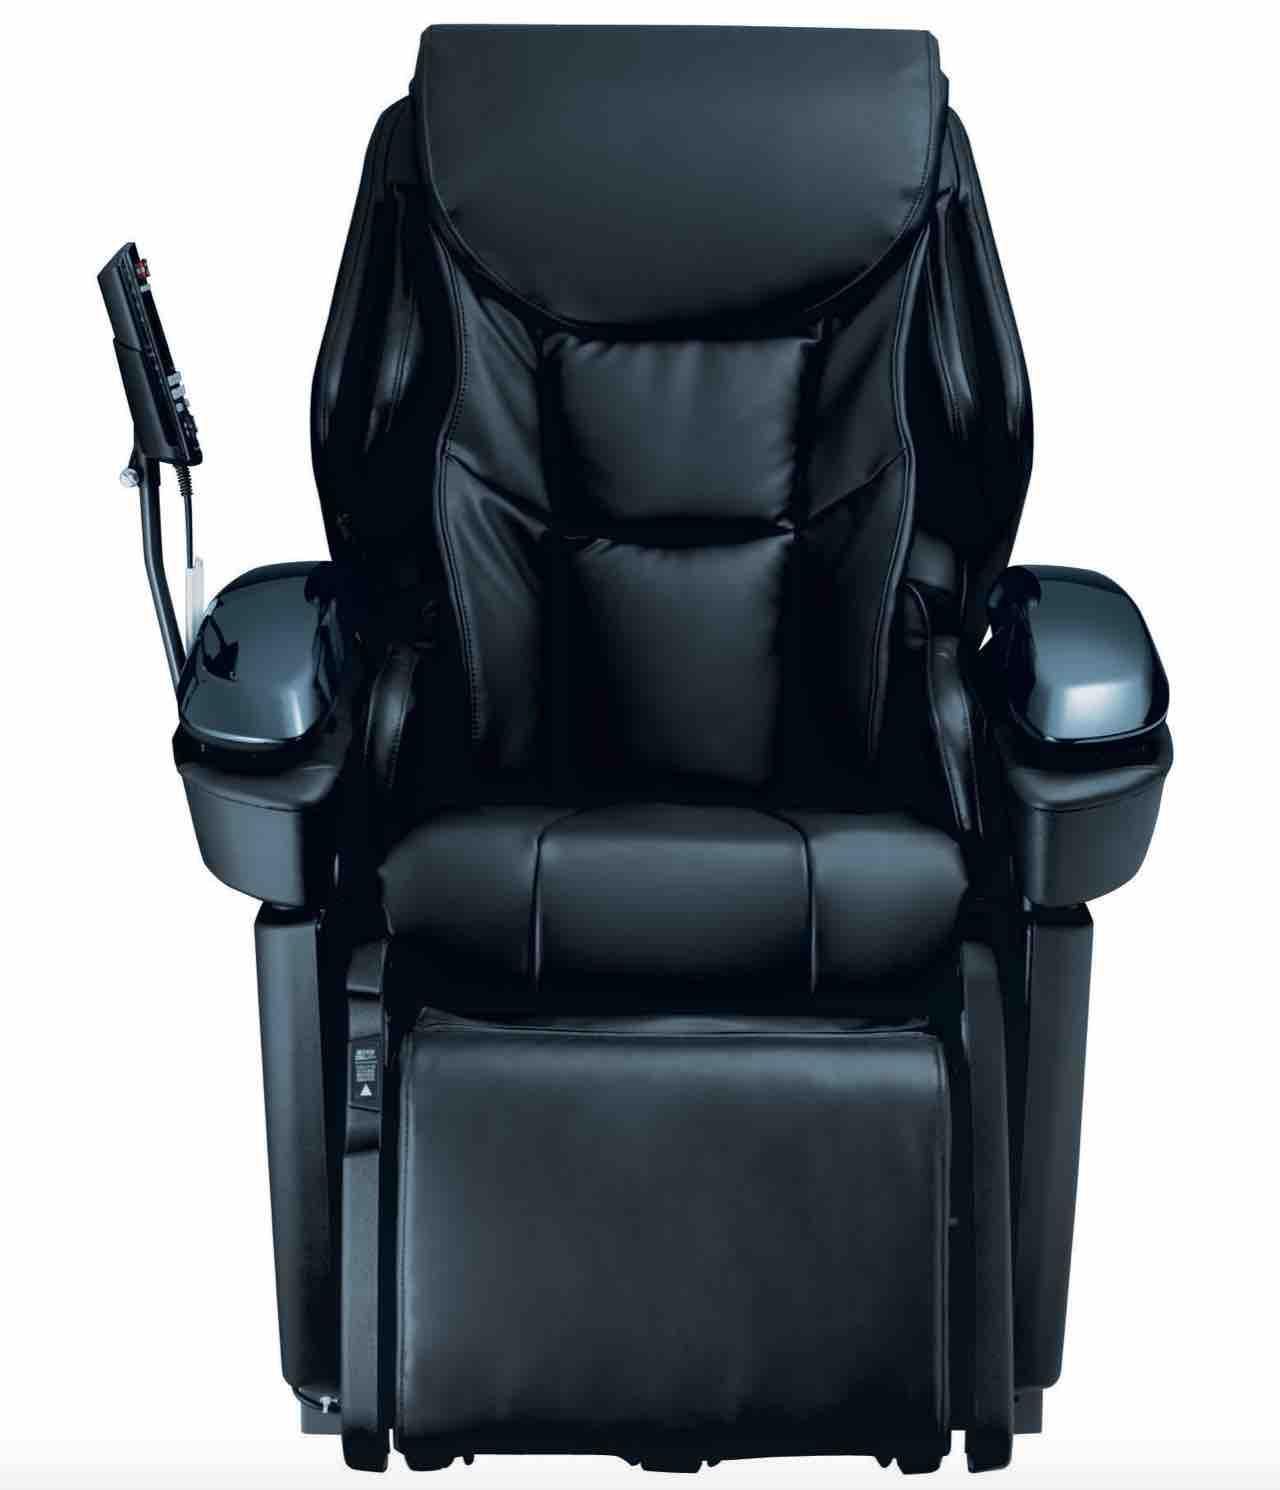 Fauteuil de massage panasonic ep ma70 real pro stone - Meilleur siege massant ...